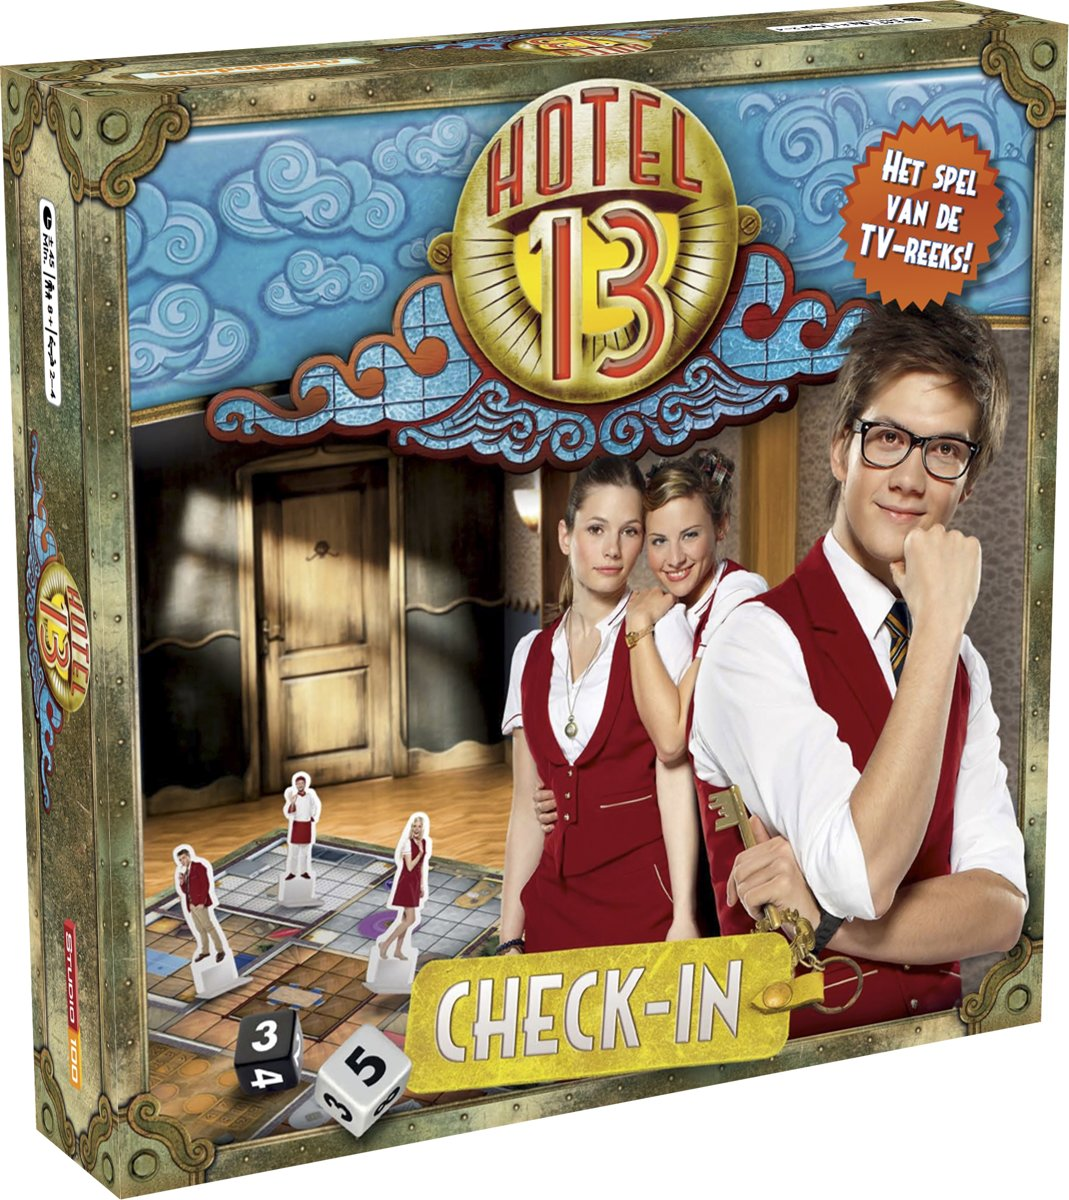 Hotel 13 Check in - Bordspel